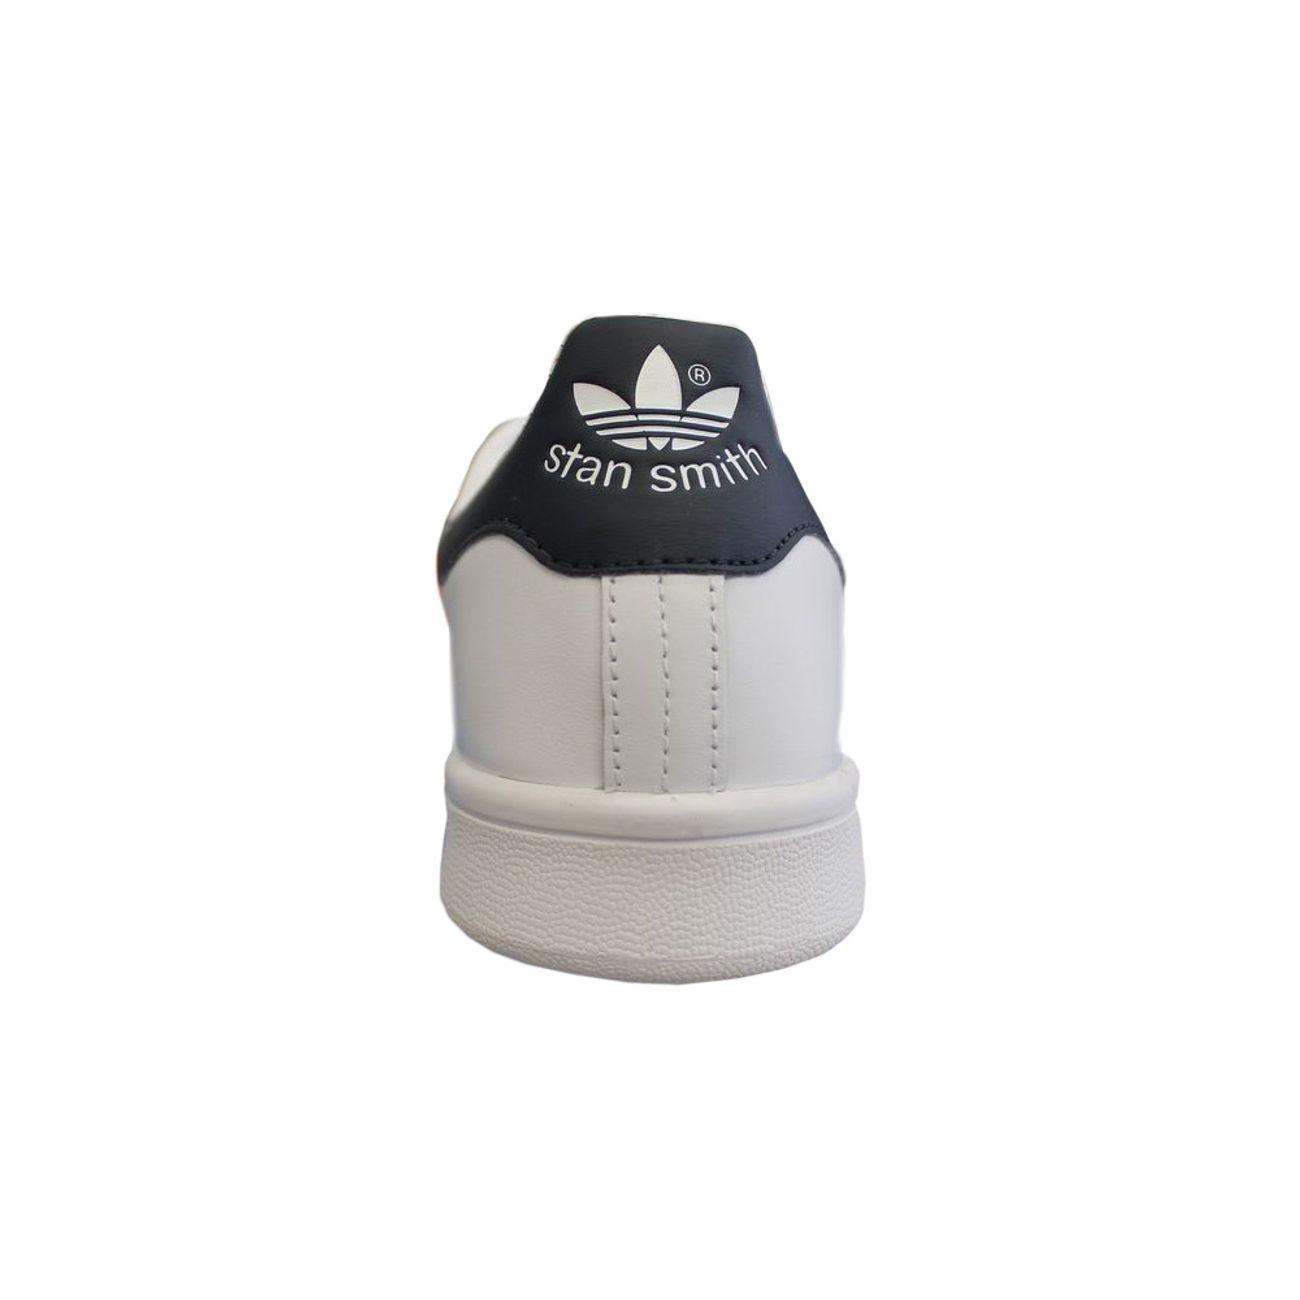 Adulte Originals Adidas M20325 Mode Stan Smith Outdoor Basket EWD2HYeb9I